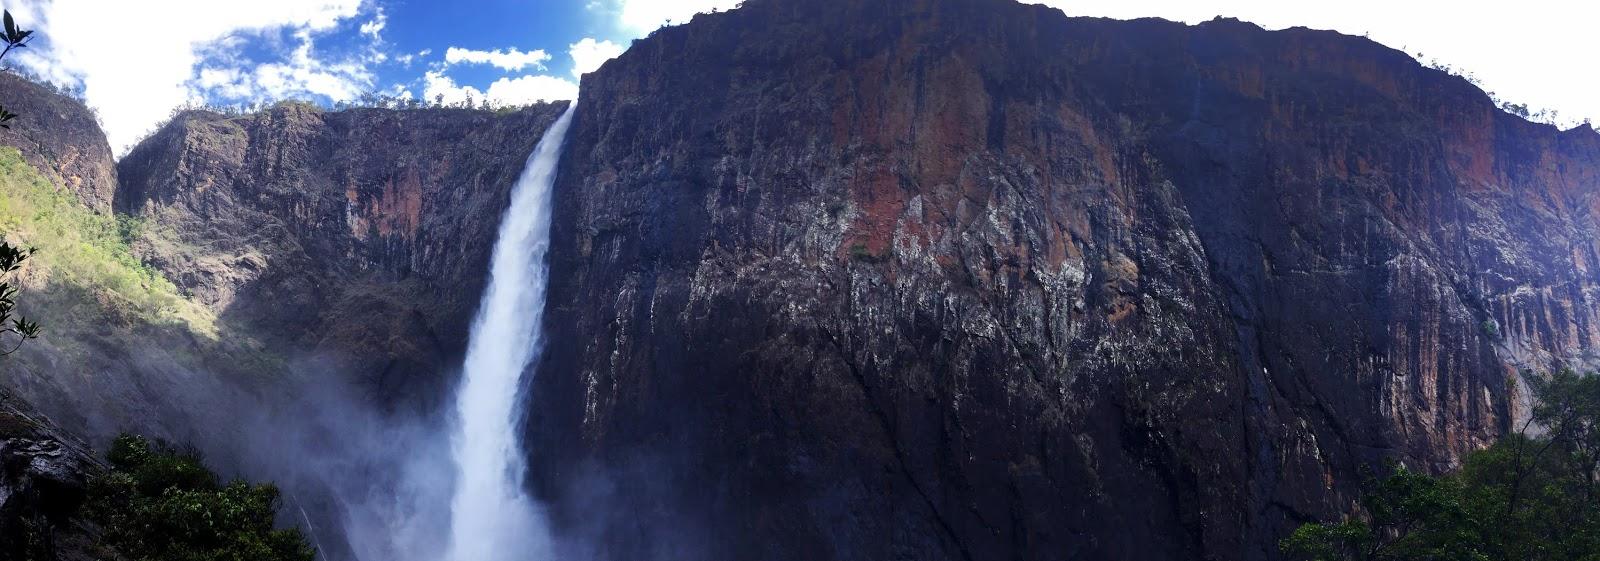 Wodospad Wallam Falls z dołu. Zdjęcie panoramiczne, pokazuje wysokie skarpy znajdujące się niemalże dookoła wodospadu